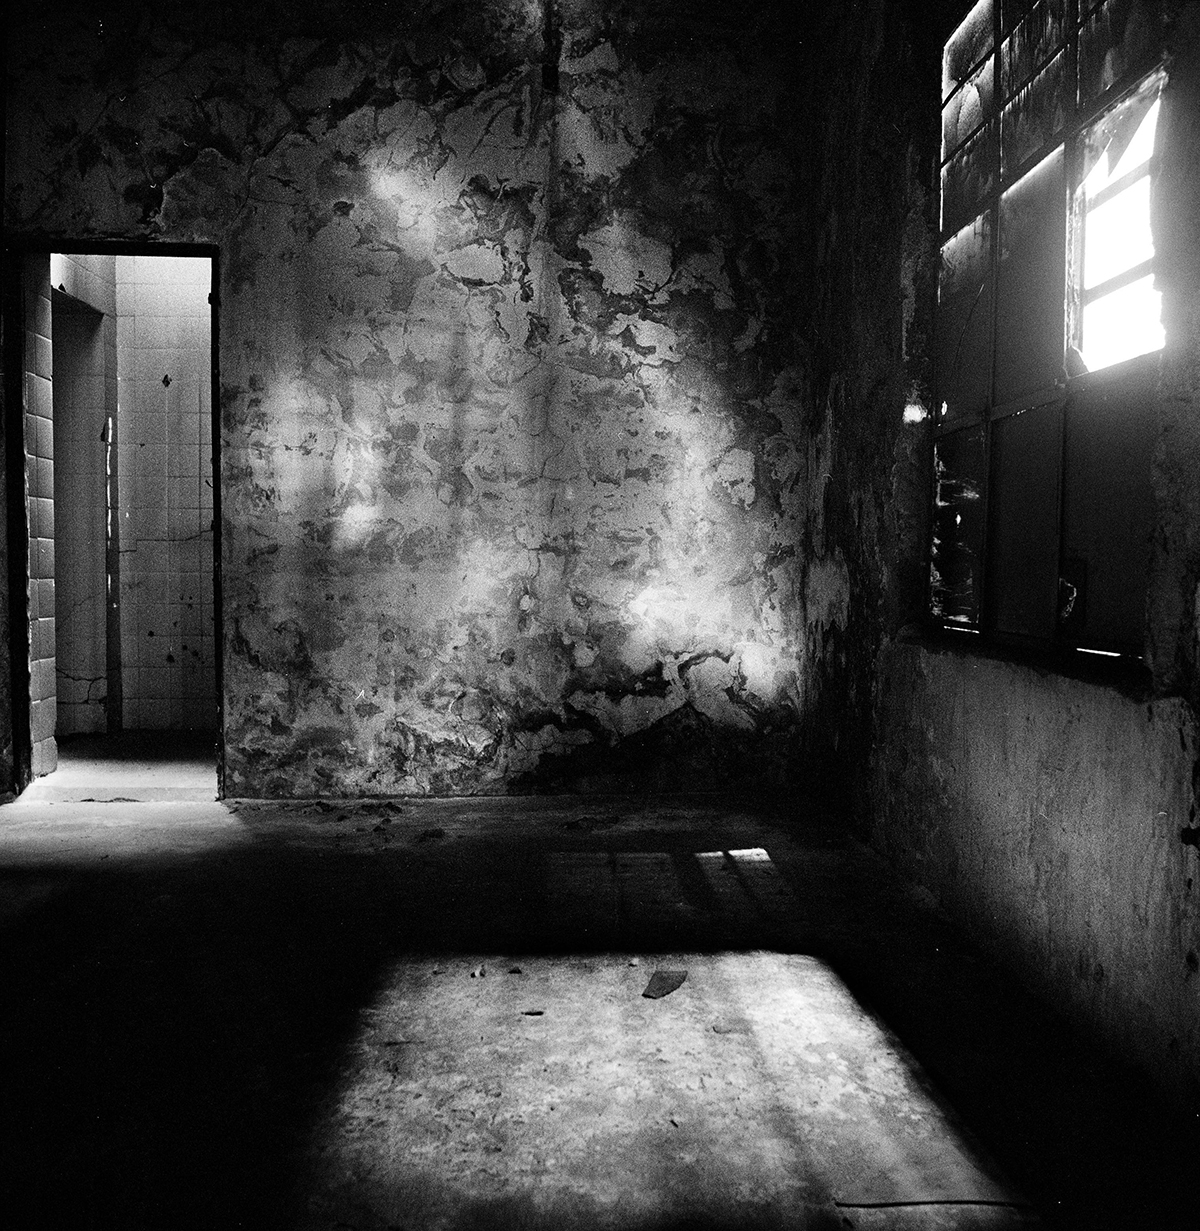 Из серии «Пыточные центры». Комната пыток в Олимпо, бывшем подпольном центре для задержанных в Буэнос-Айресе. В нём военные и федеральная полиция допрашивали и убивали левых в 1976–1983 годах.